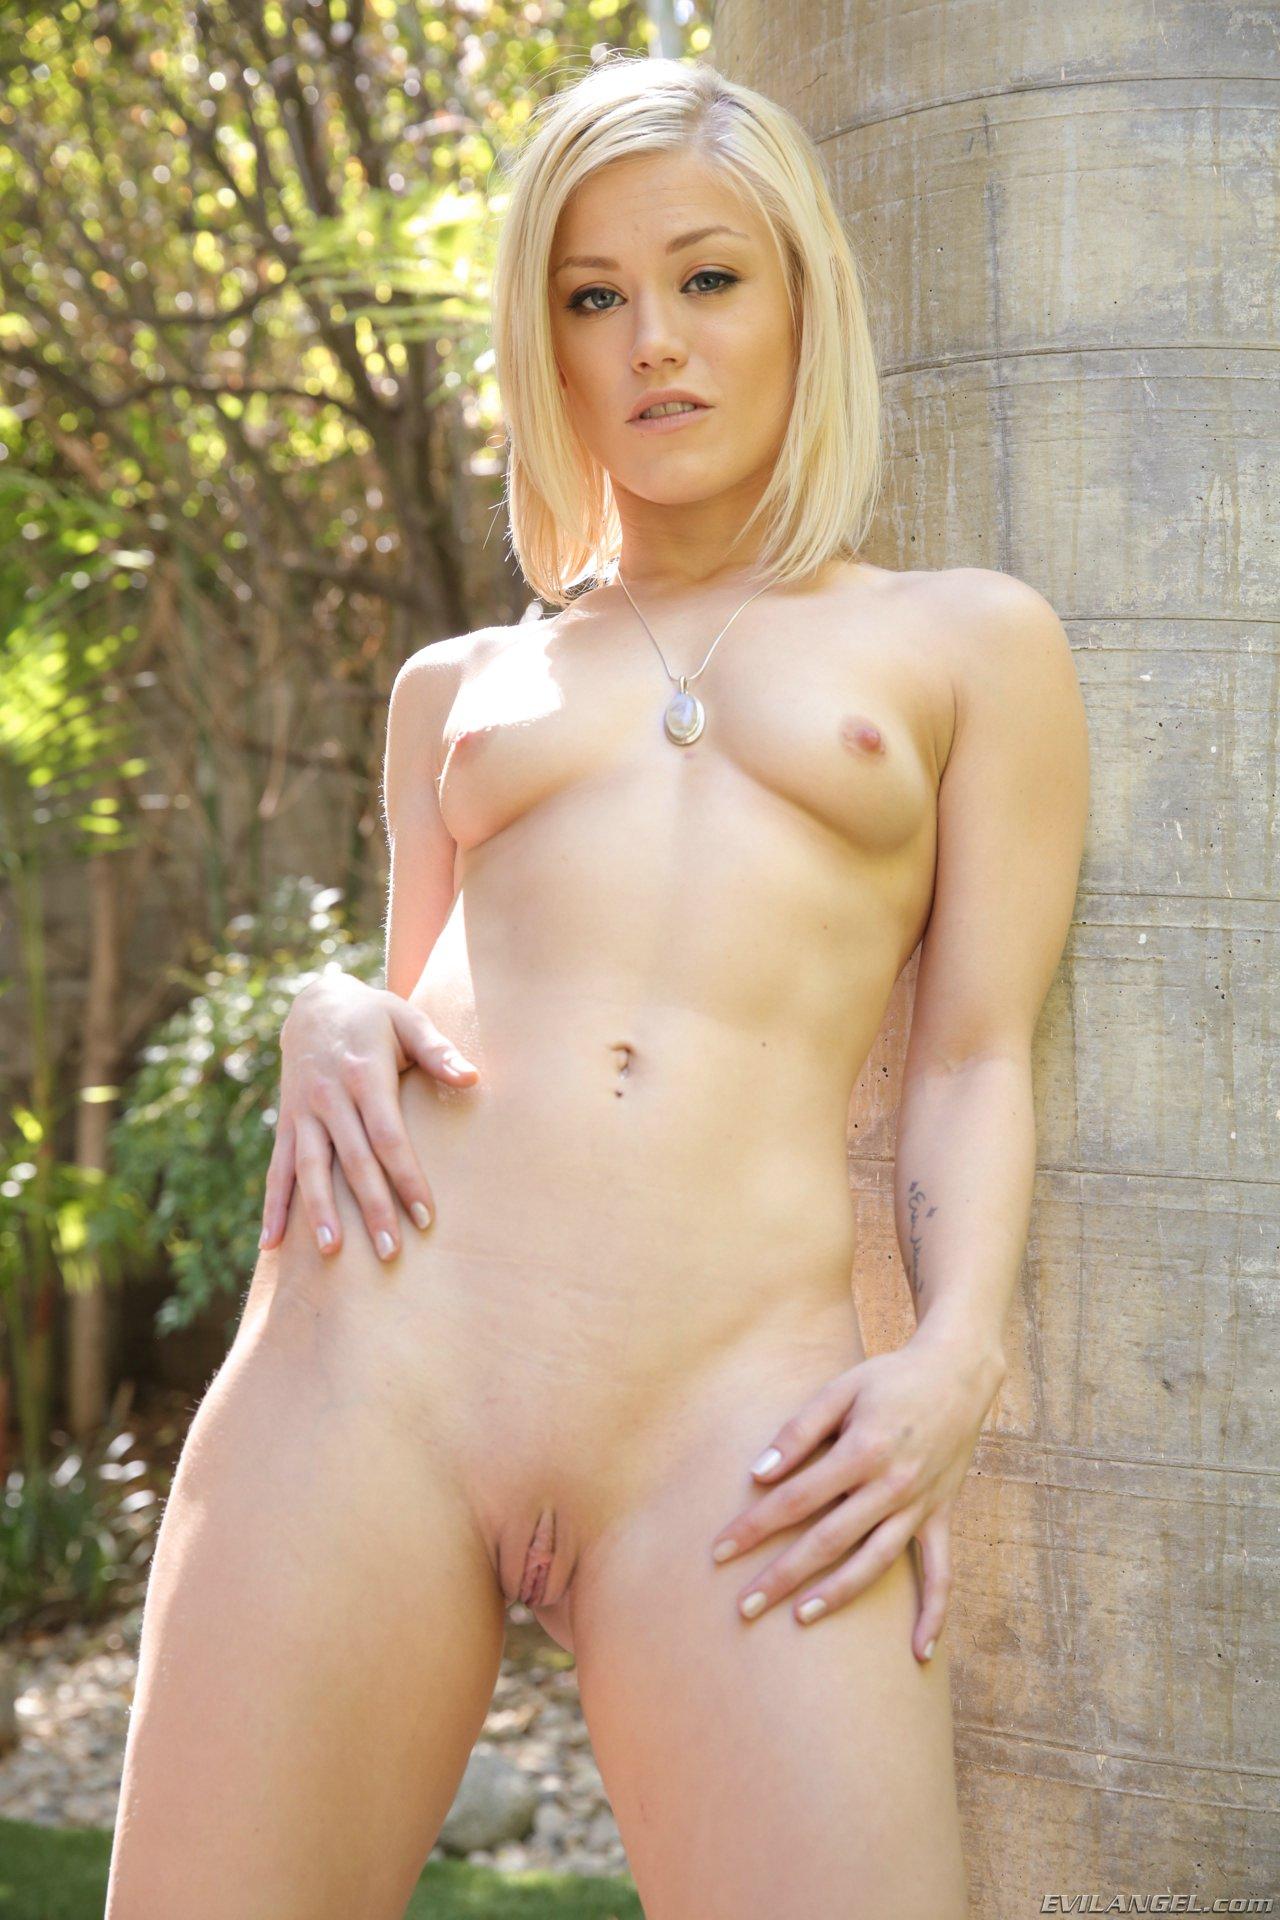 Panties webcam blonde amateur